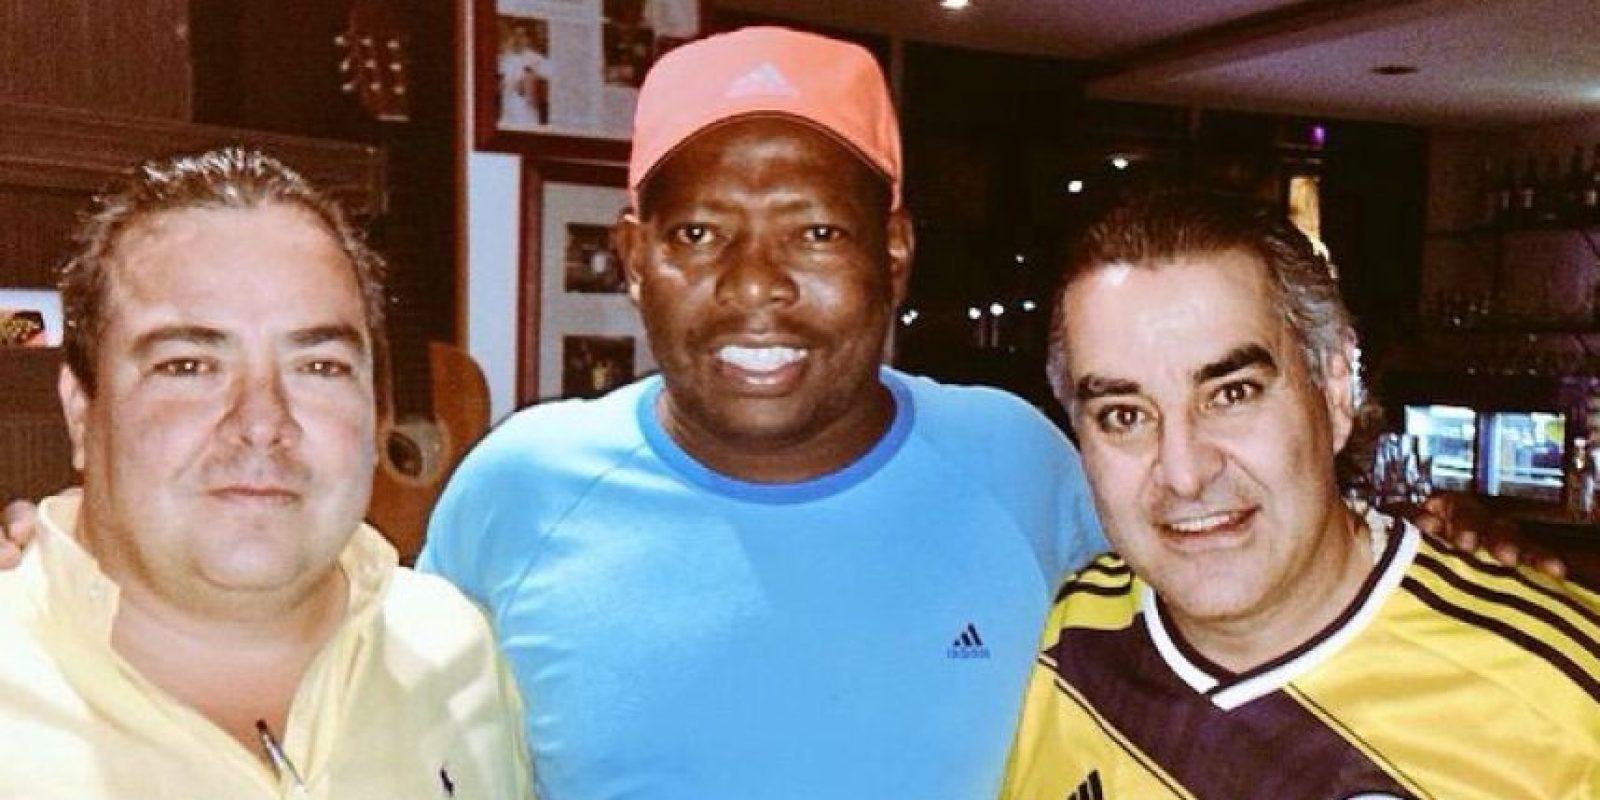 Con la Selección Colombia disputó los Mundiales de 1994 y 1998, además de las Copas América de 1993, 1995 y 1997. Foto:Vía instagram.com/eltinoasprilla